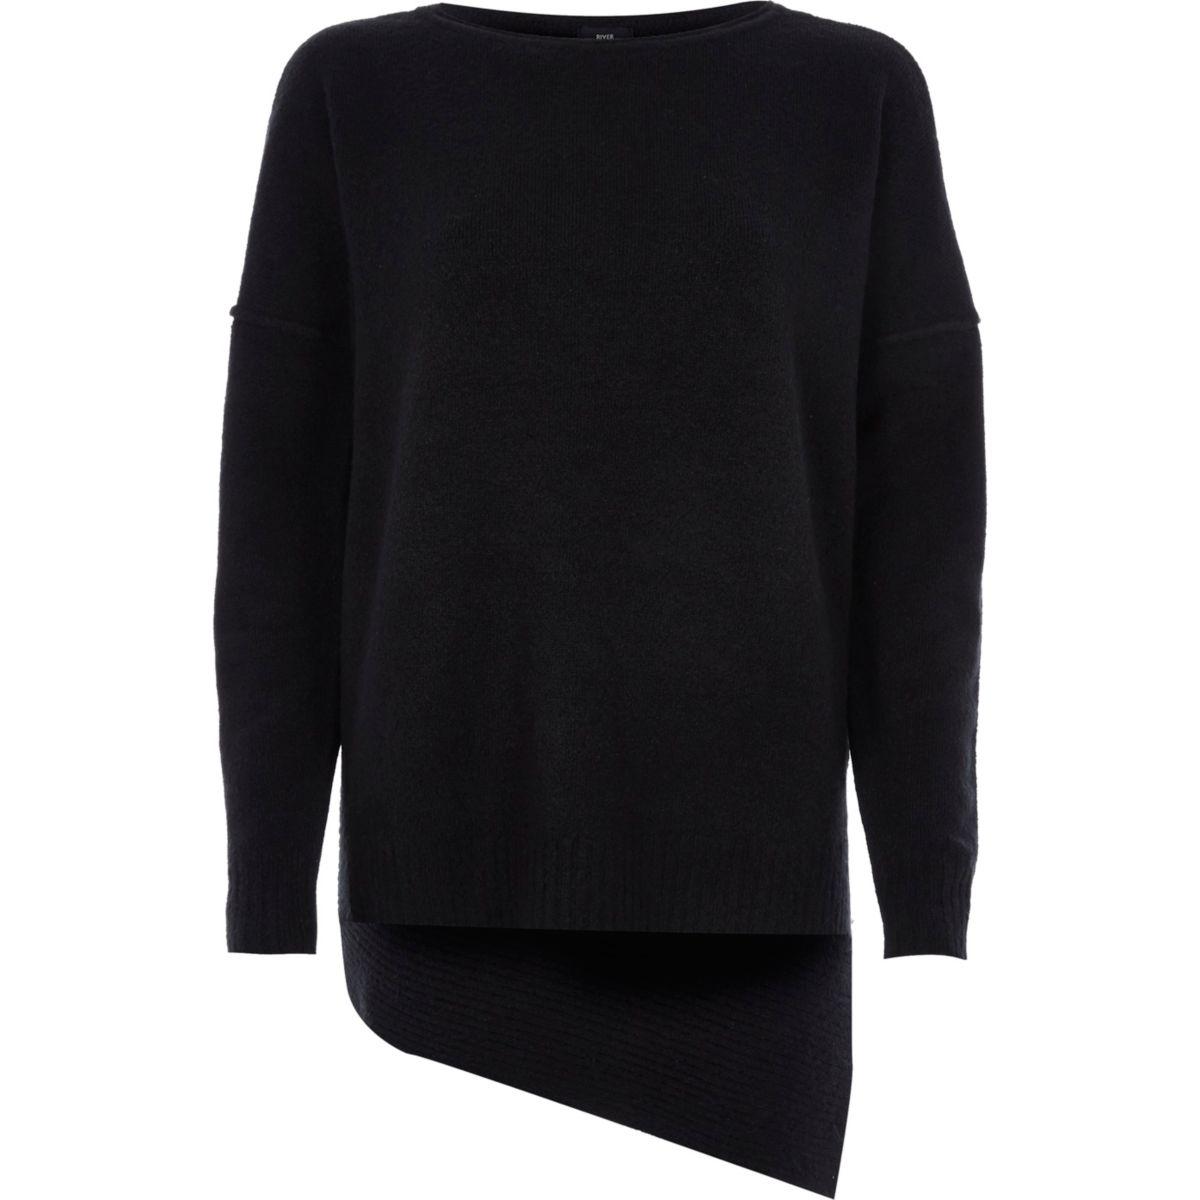 Black asymmetric jumper